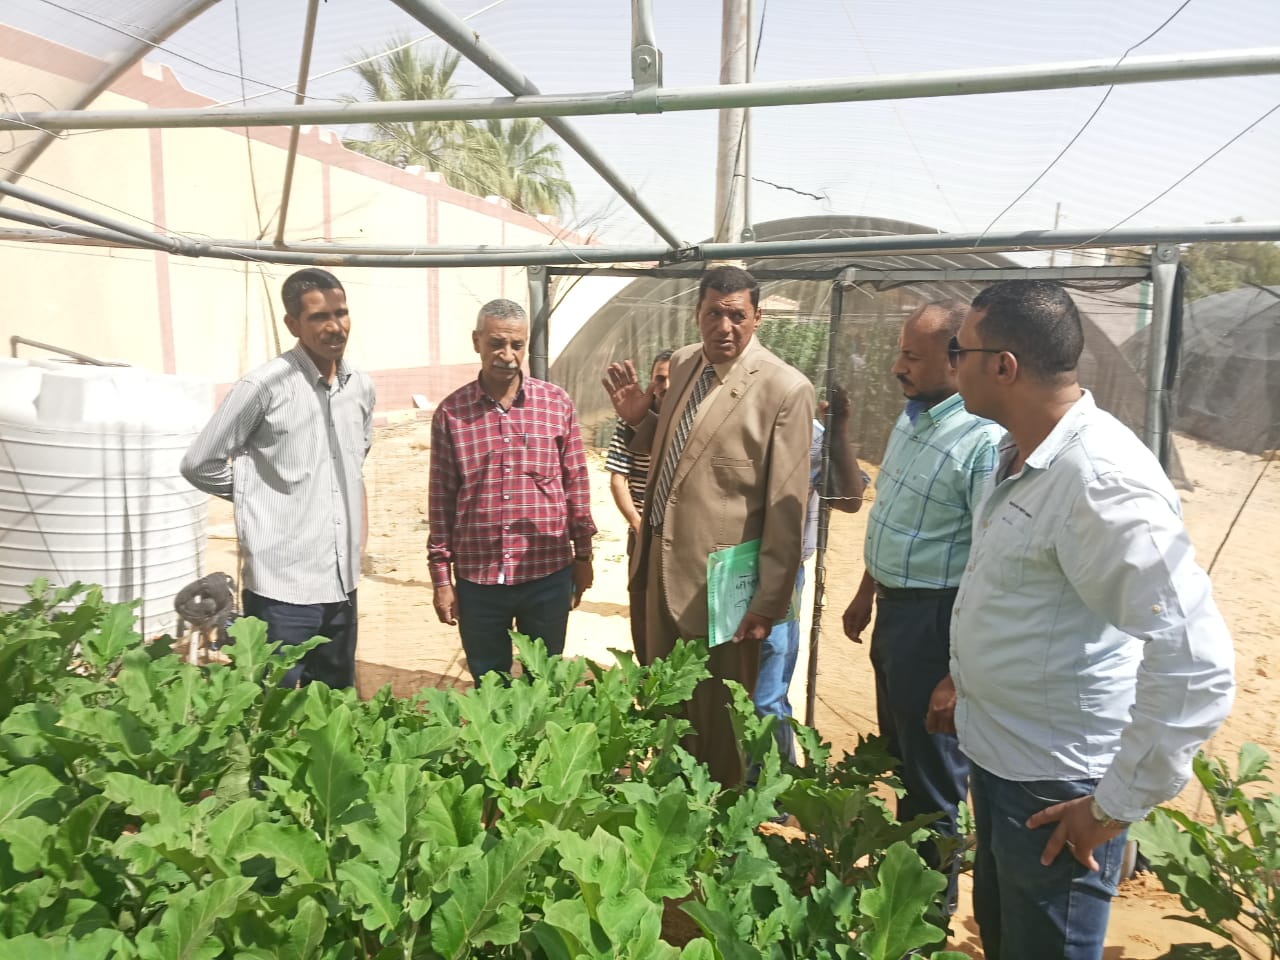 حاصلات الصوب الزراعية بمدرسة الخارجة الزراعية (3)